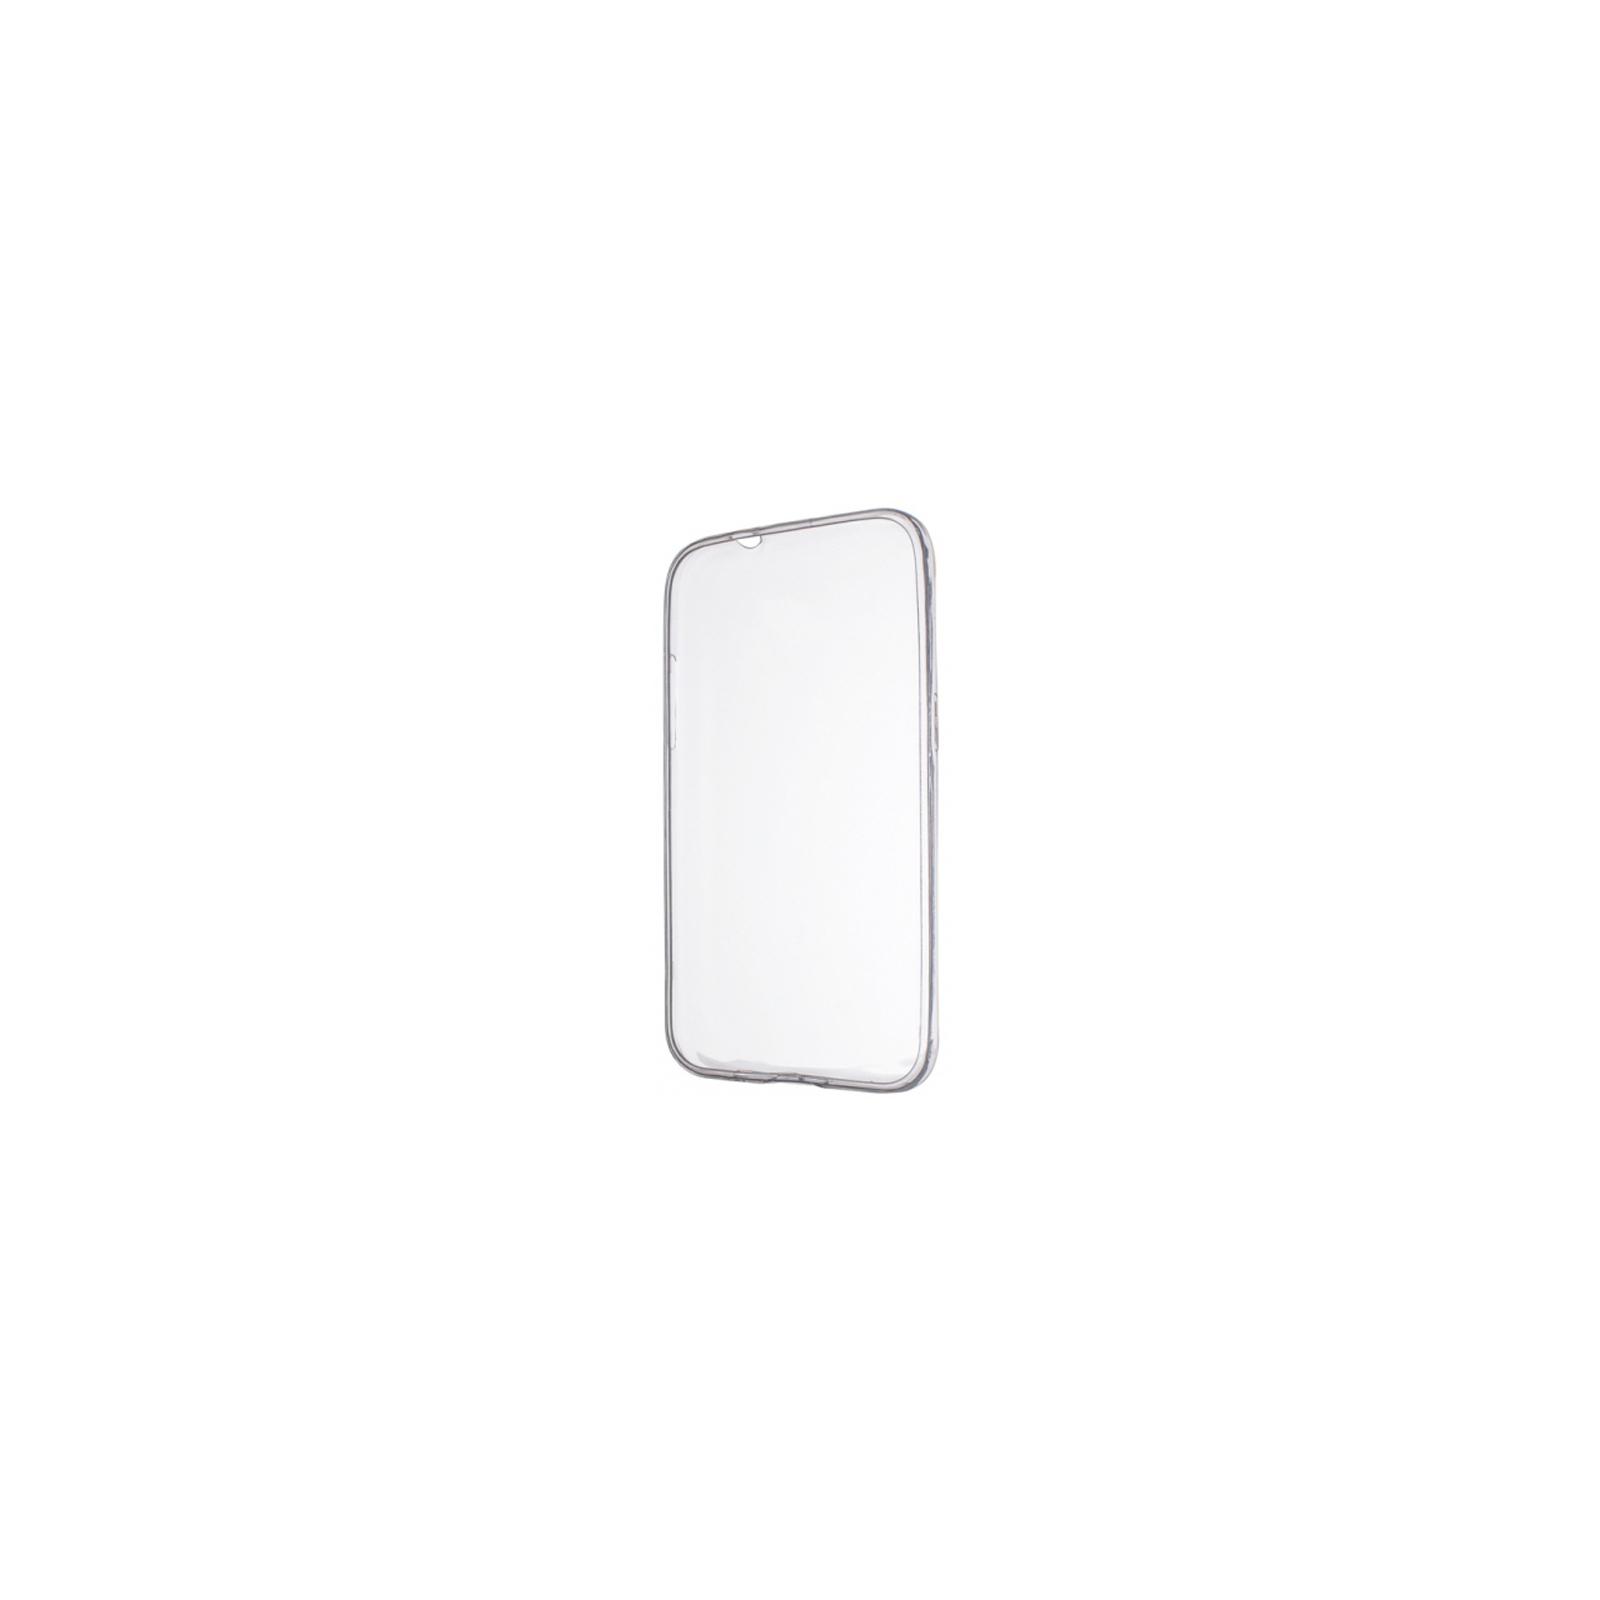 Чехол для моб. телефона Drobak Elastic PU для Samsung Galaxy A7 A710F White Clear (216993)